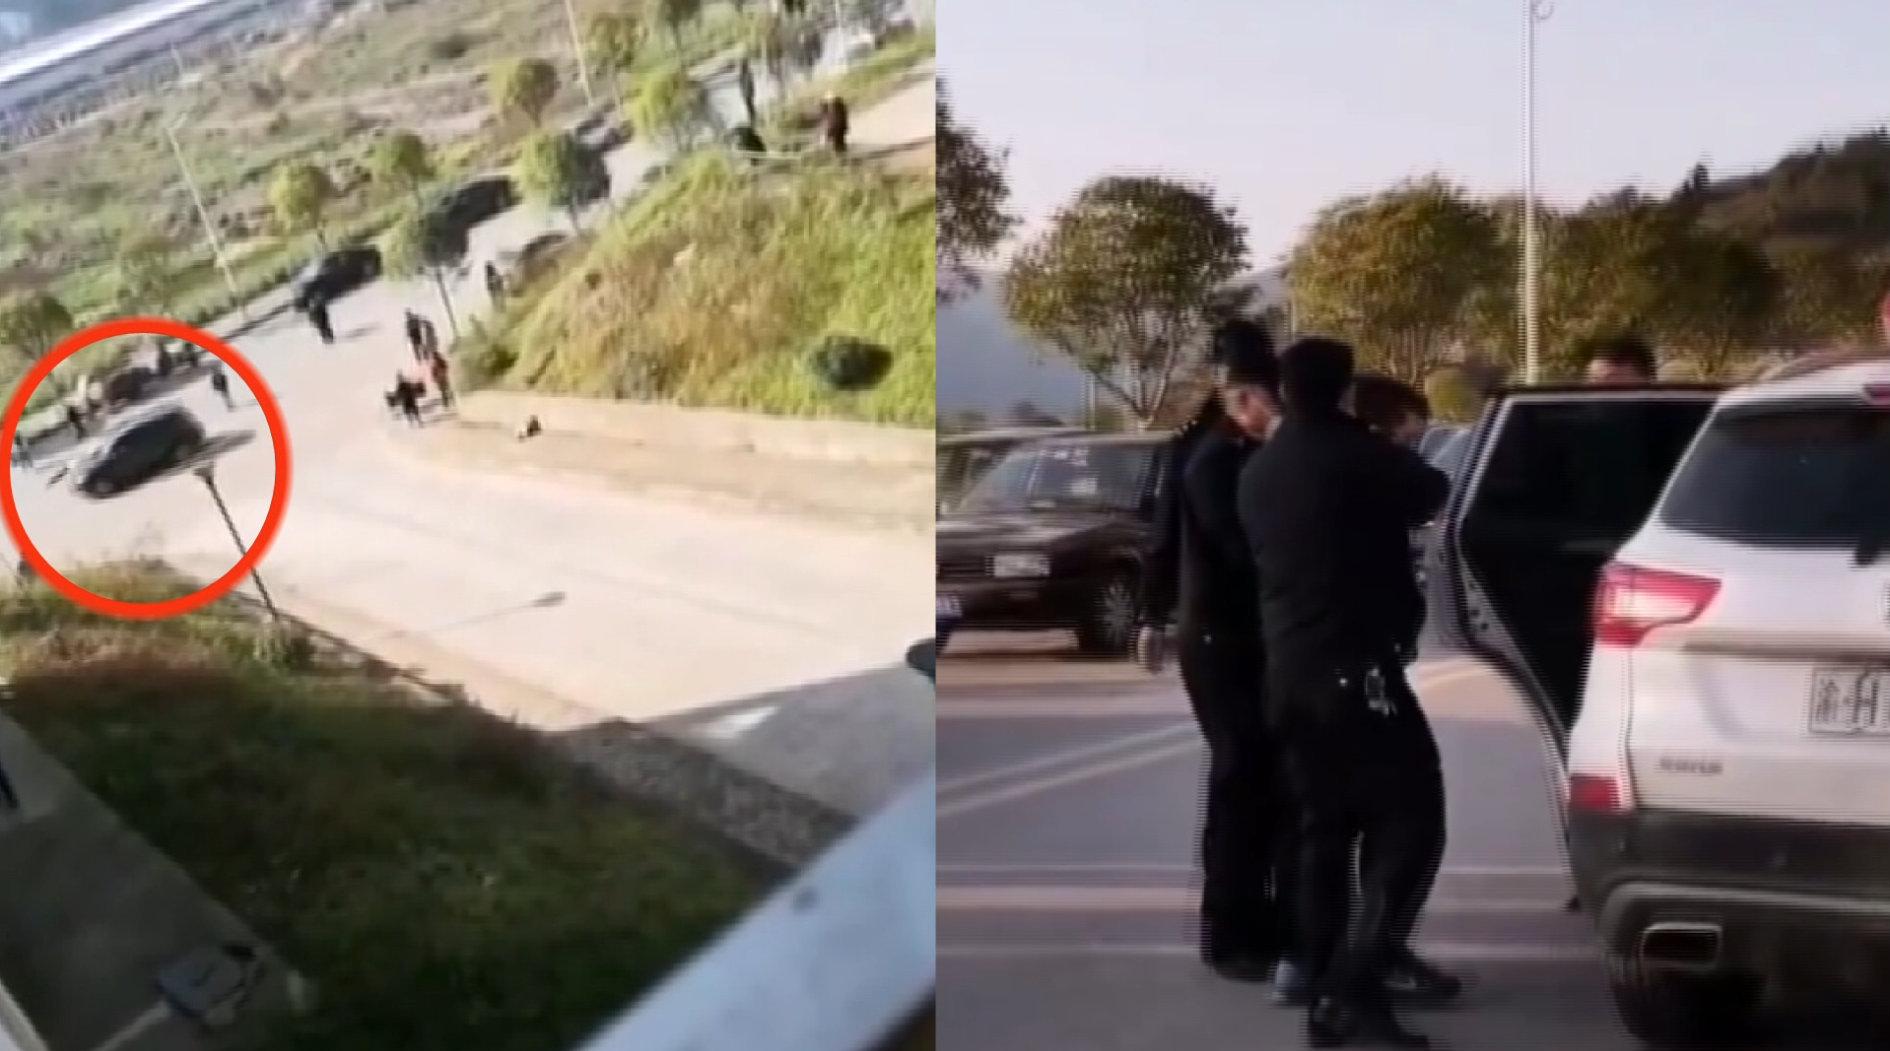 重庆男子驾车暴力冲卡,故意撞工作人员:涉嫌故意杀人被逮捕